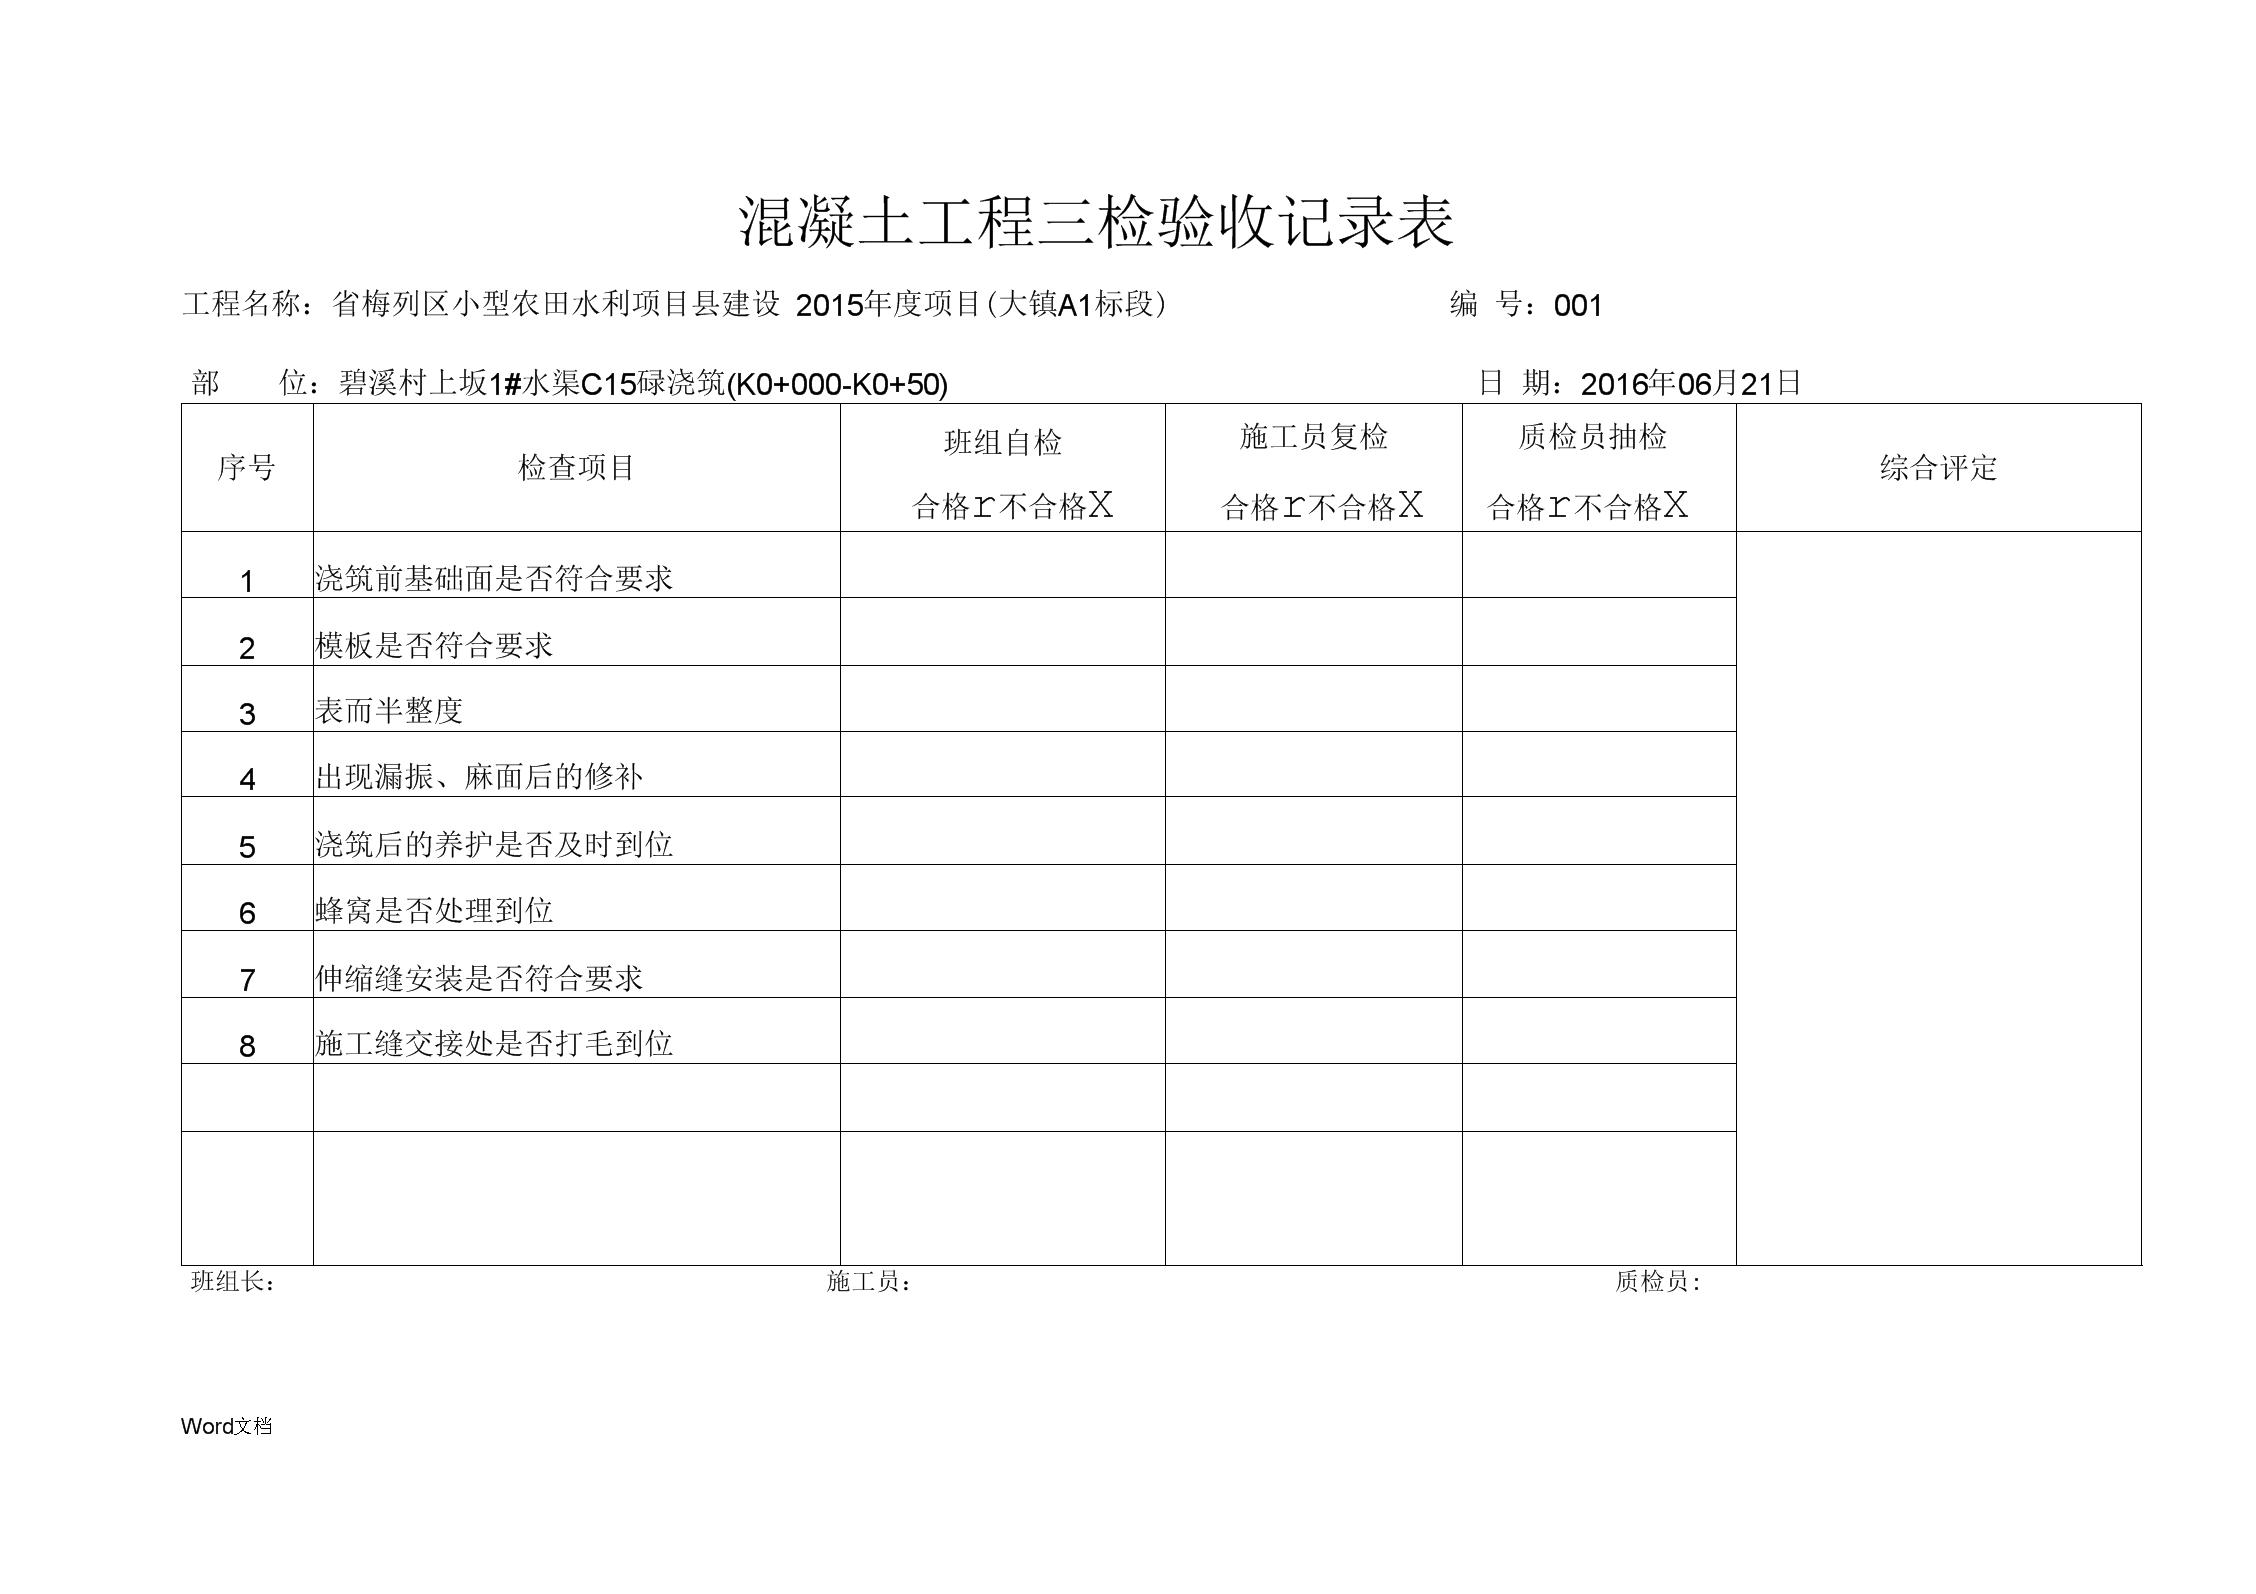 《混凝土工程三检验收记录表》.docx